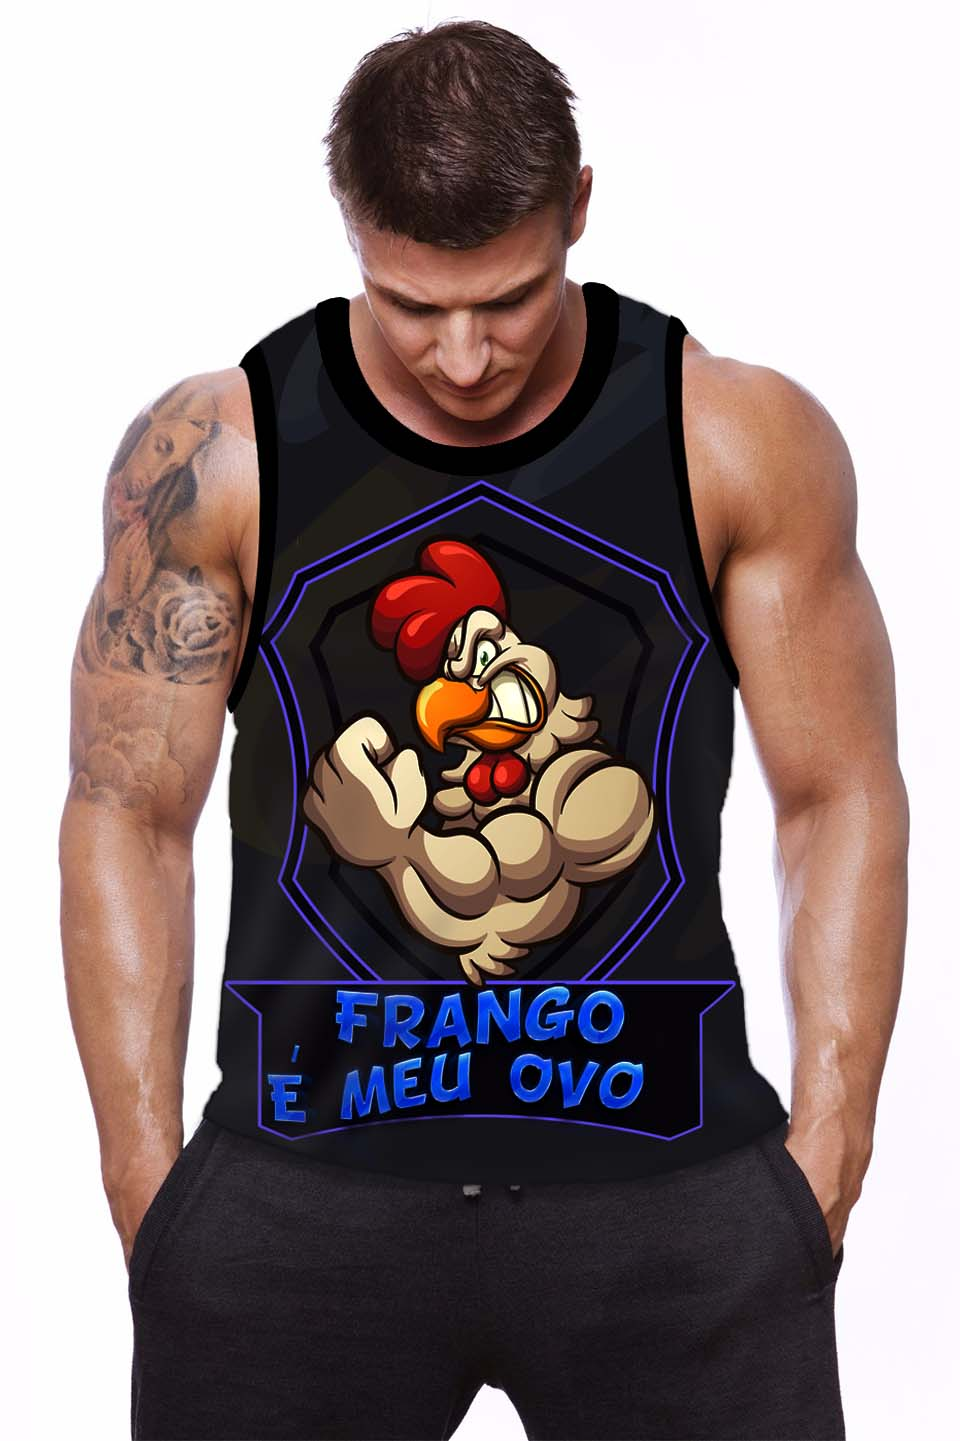 REGATA FITNESS MACHAO  Frango é meu ovo